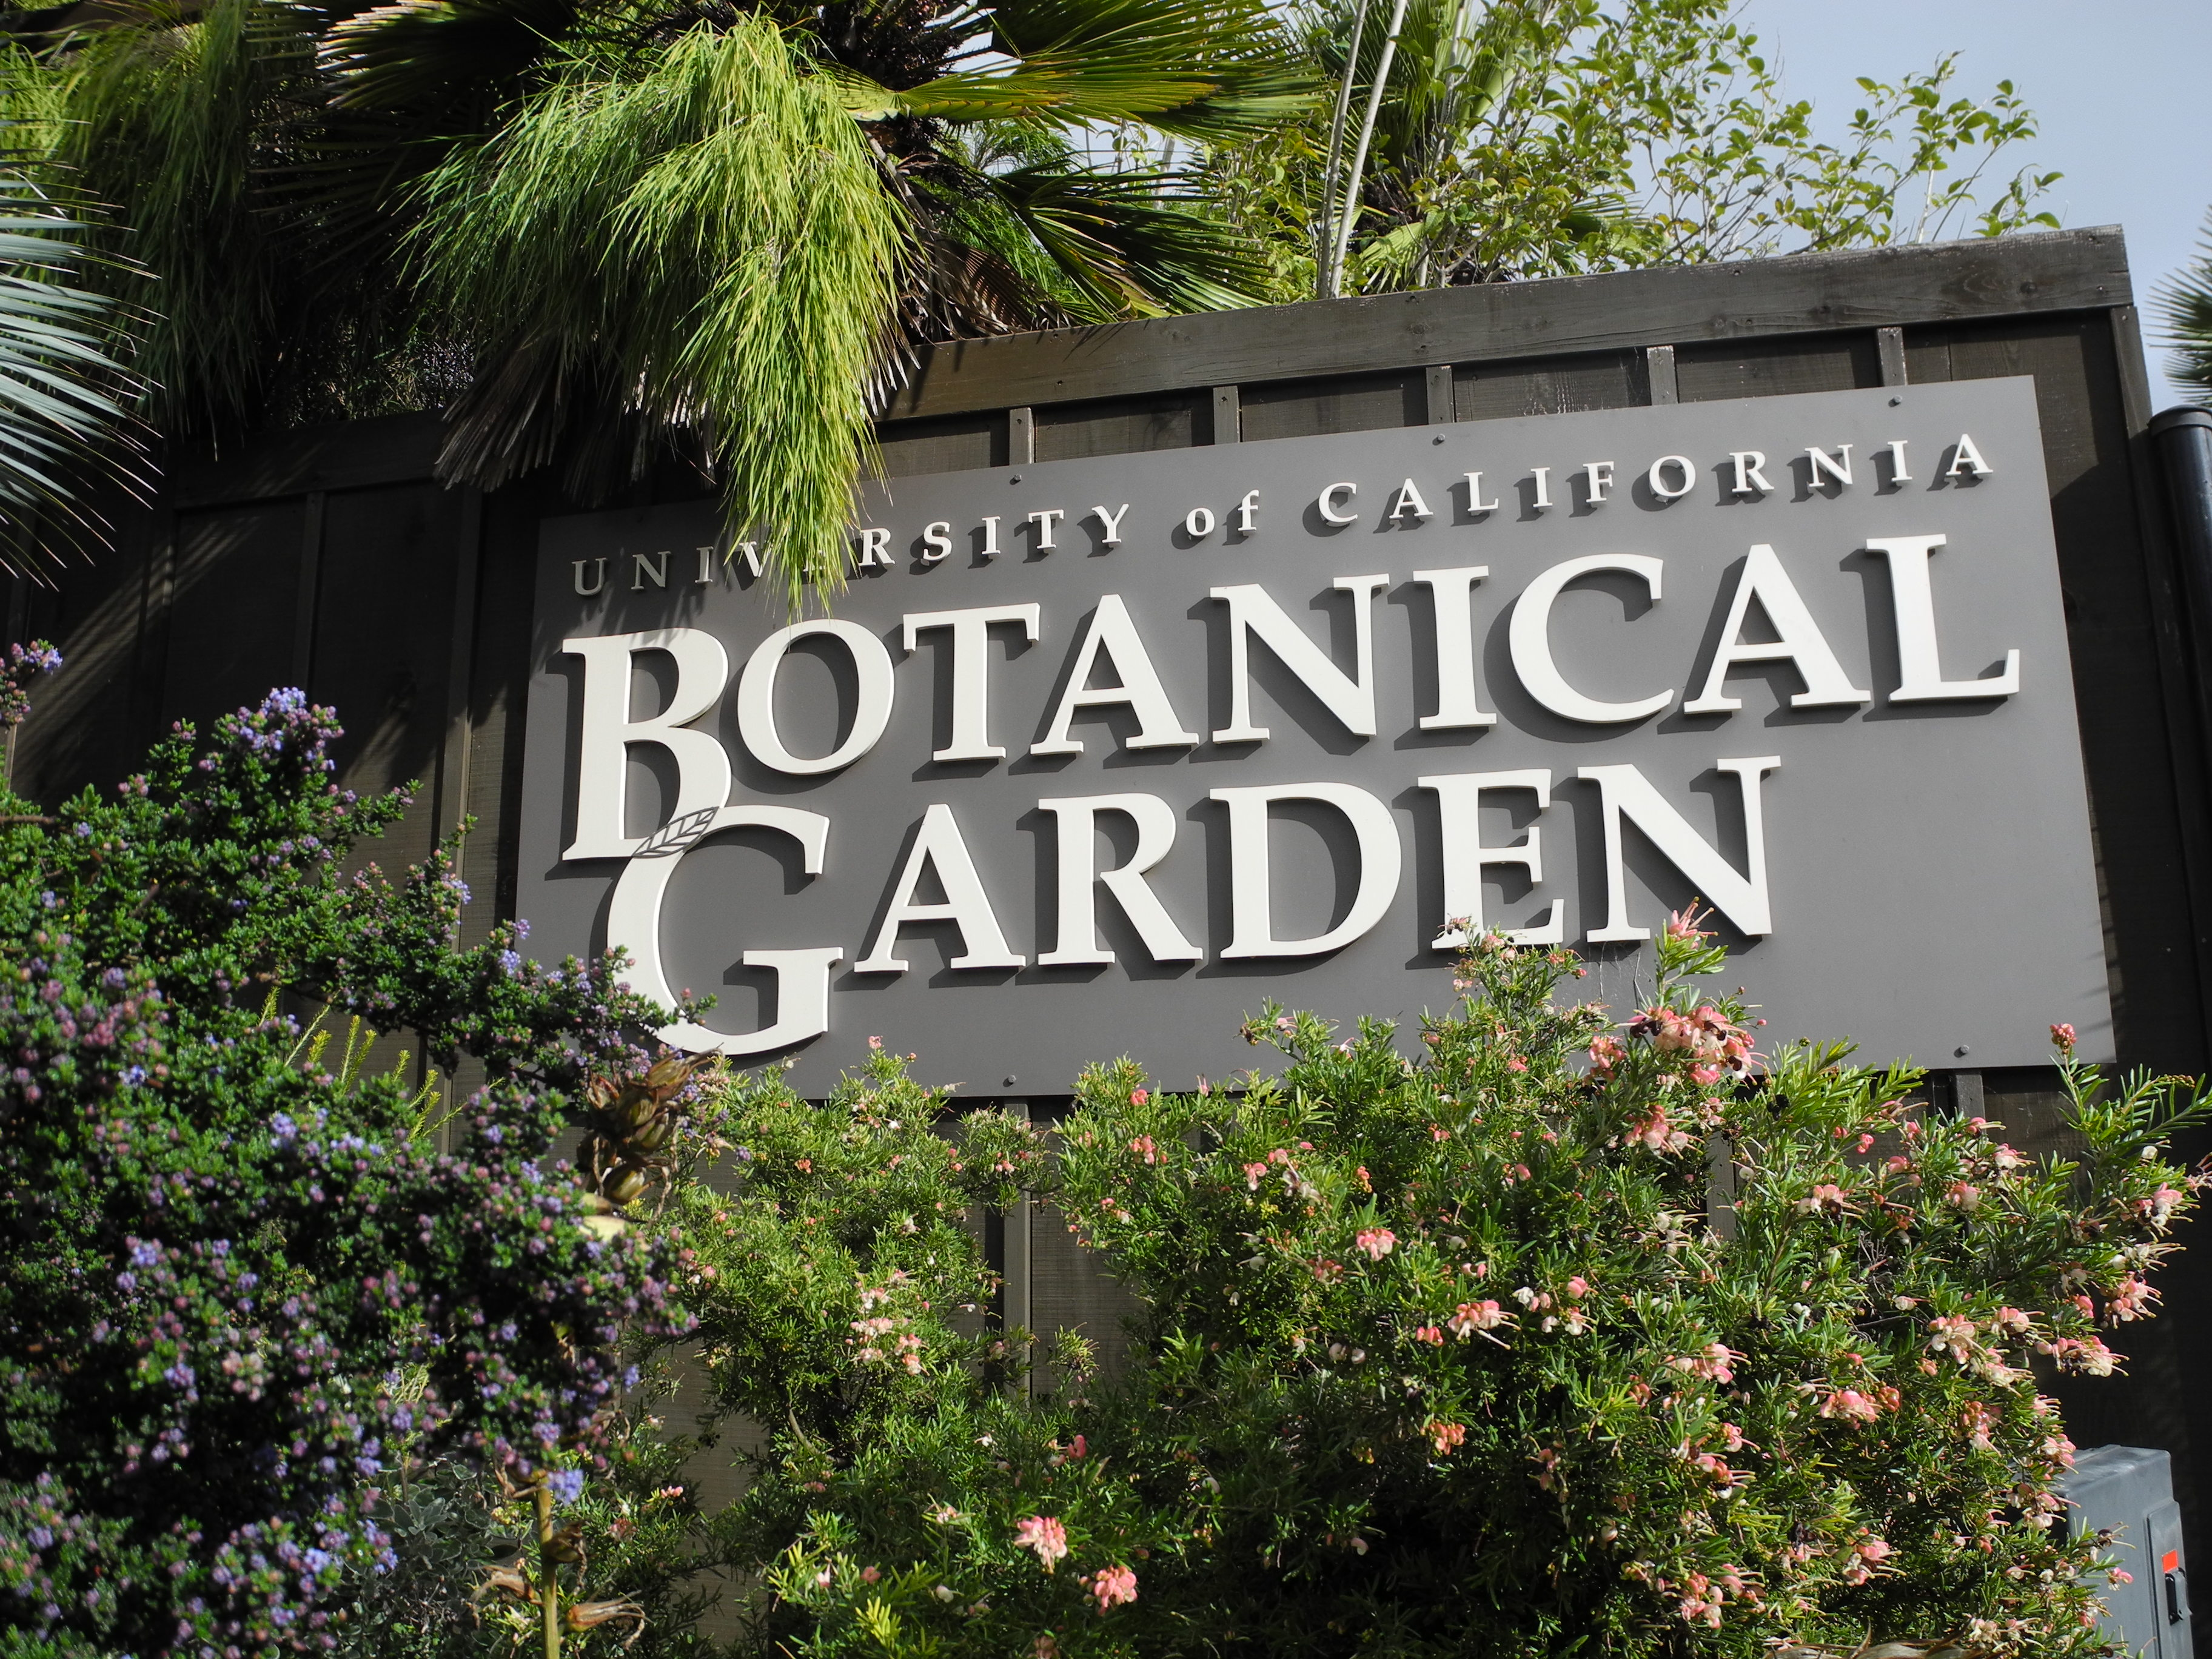 uc botanical gardens a photo essay wayfaring amanda image